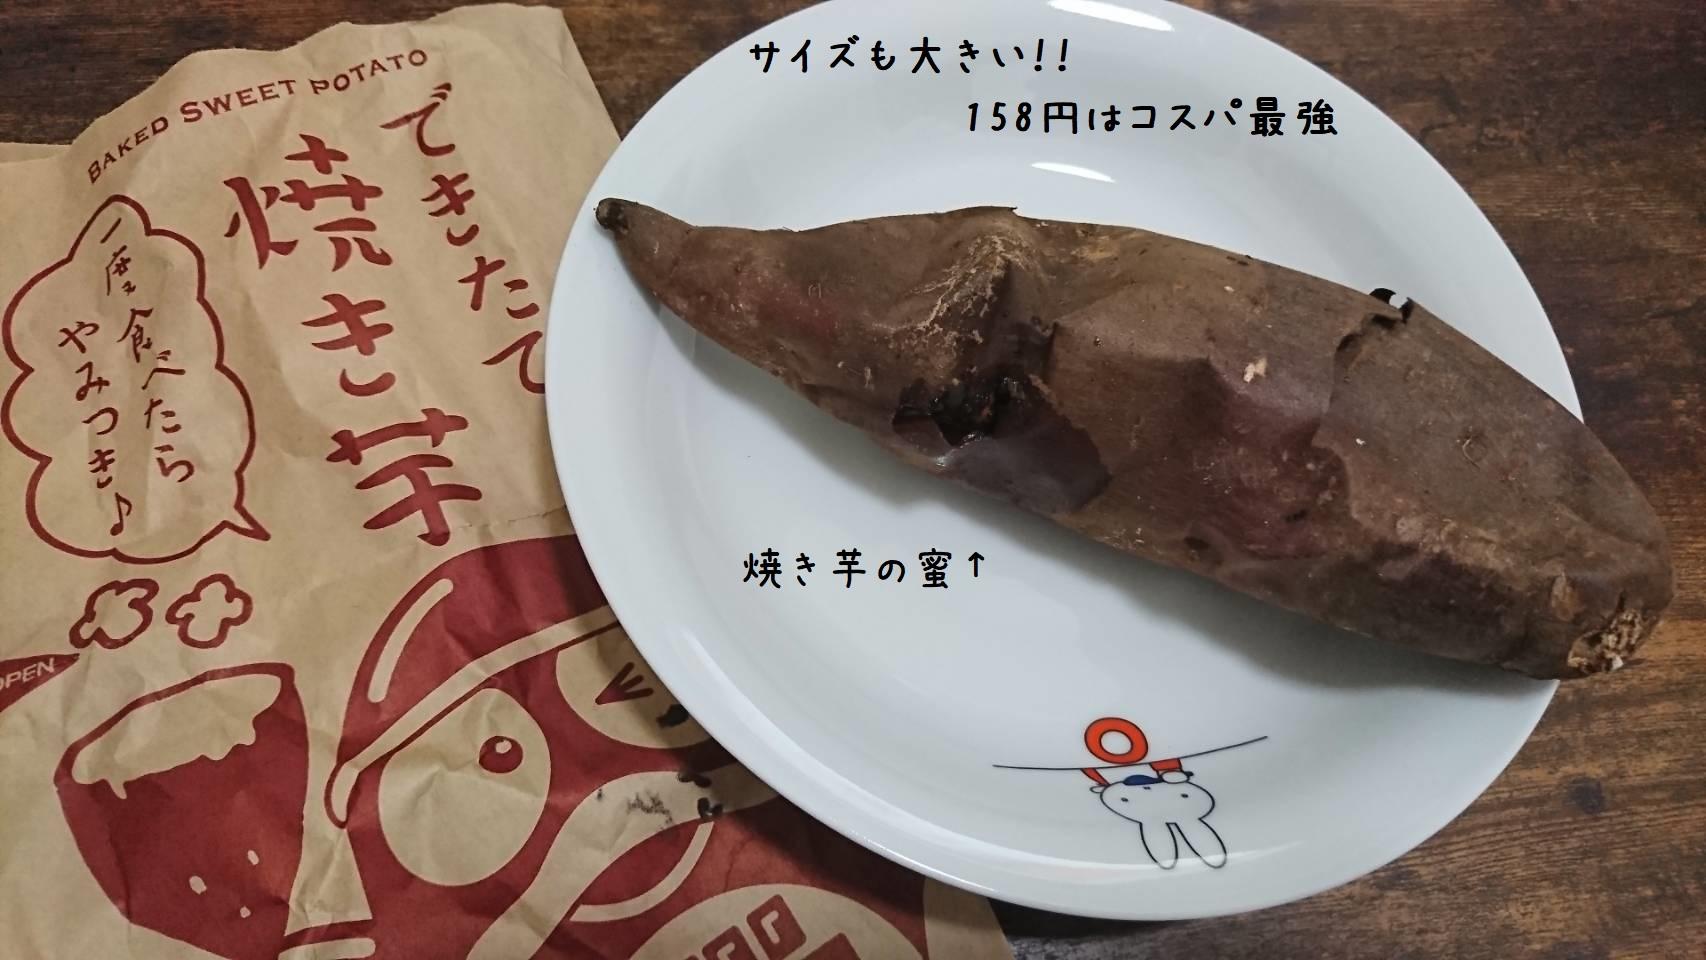 ドンキ焼き芋